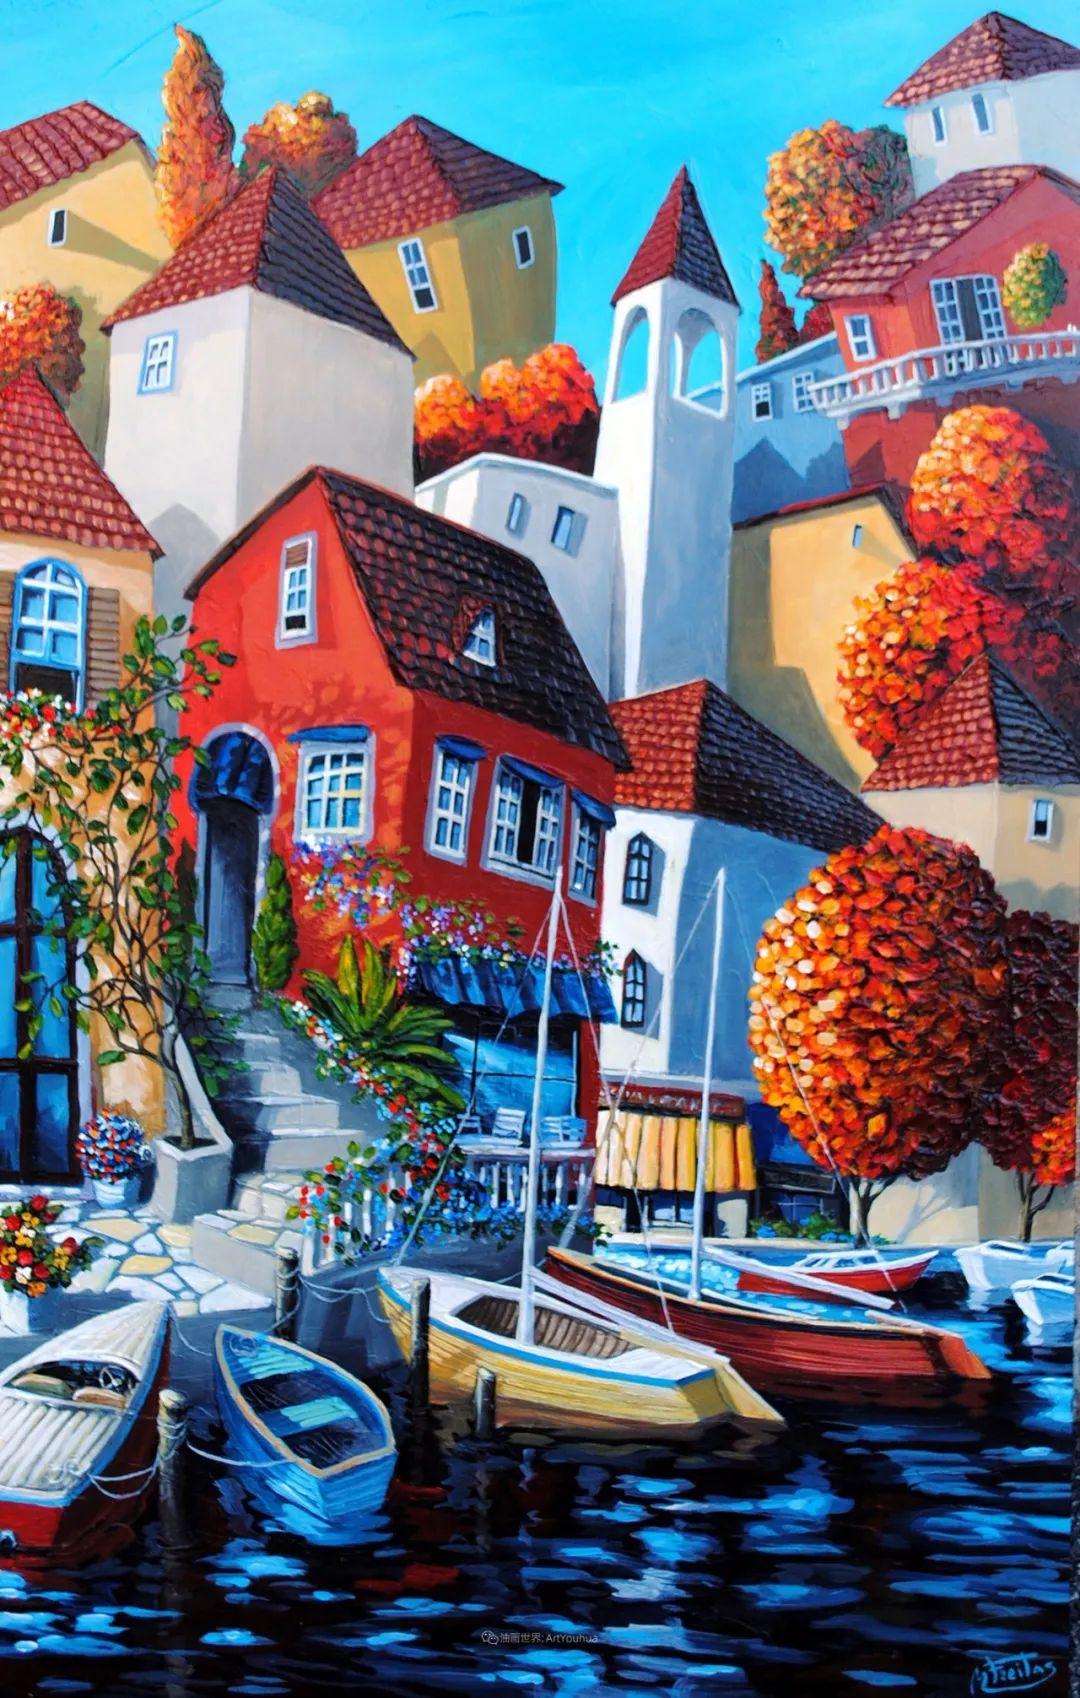 独特的风格,鲜艳的色彩!葡萄牙画家米格尔·弗雷塔斯插图5